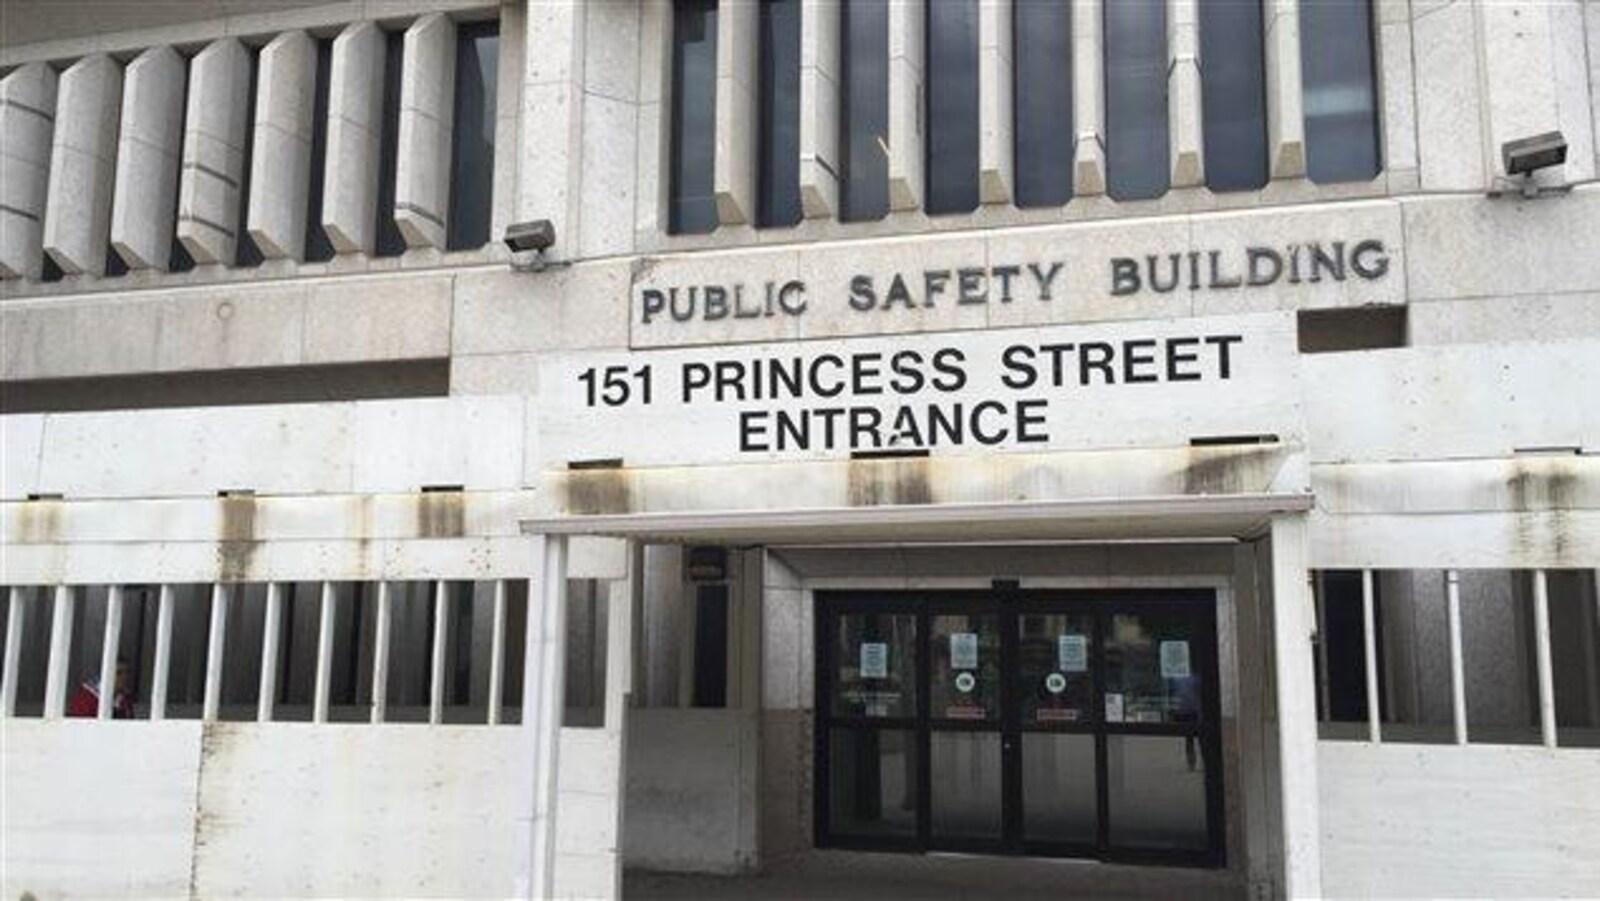 L'entrée d'un immeuble de pierre de style brutaliste.